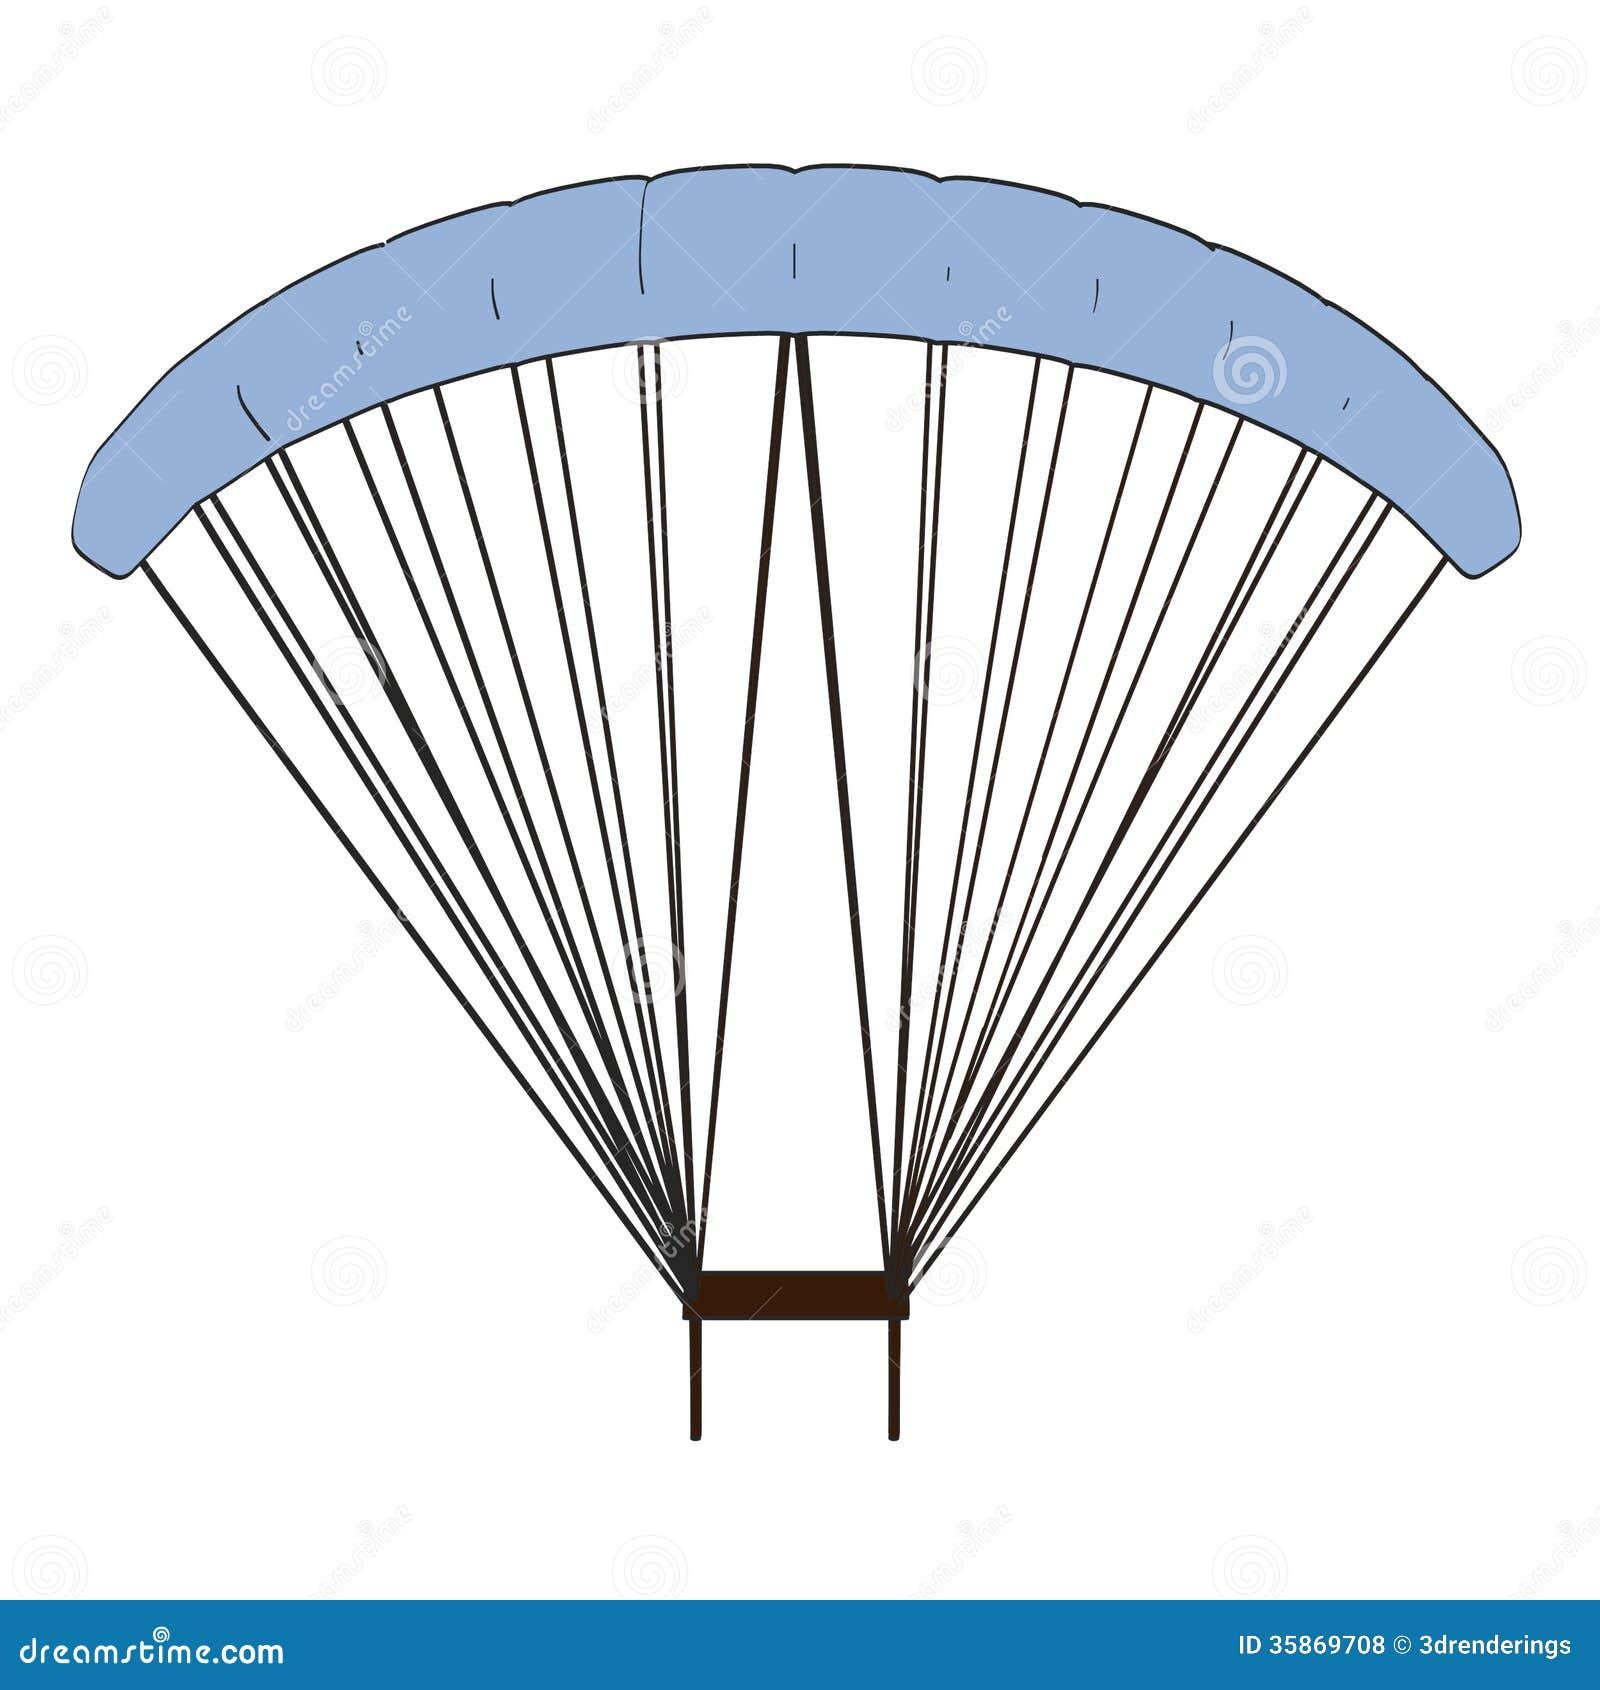 cartoon clipart parachute - photo #20